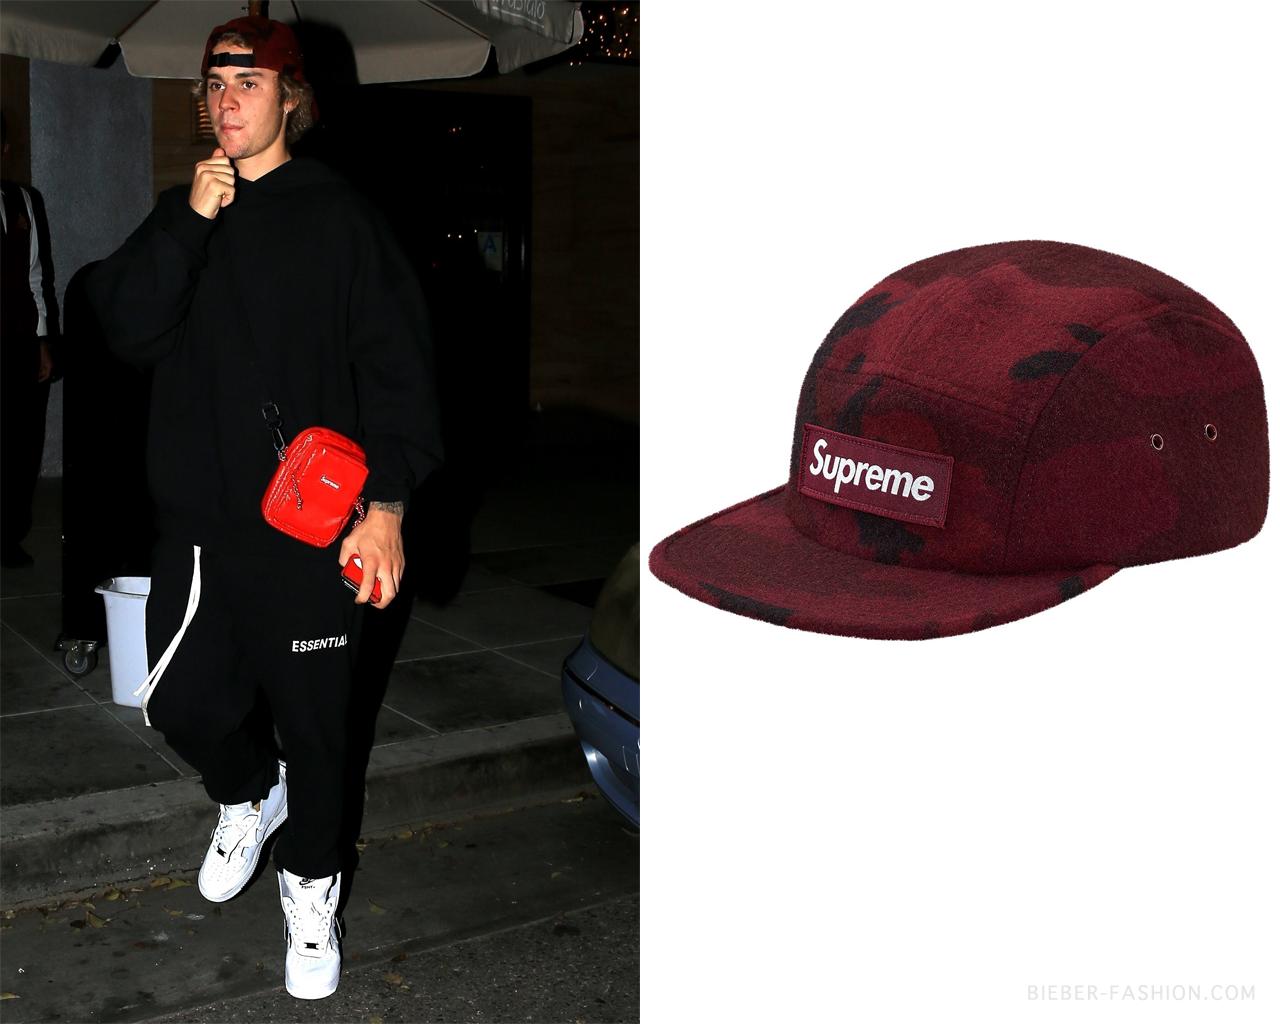 760572ca170 Supreme Camo Wool Camp Cap in Burgundy – Not A… – Justin Bieber